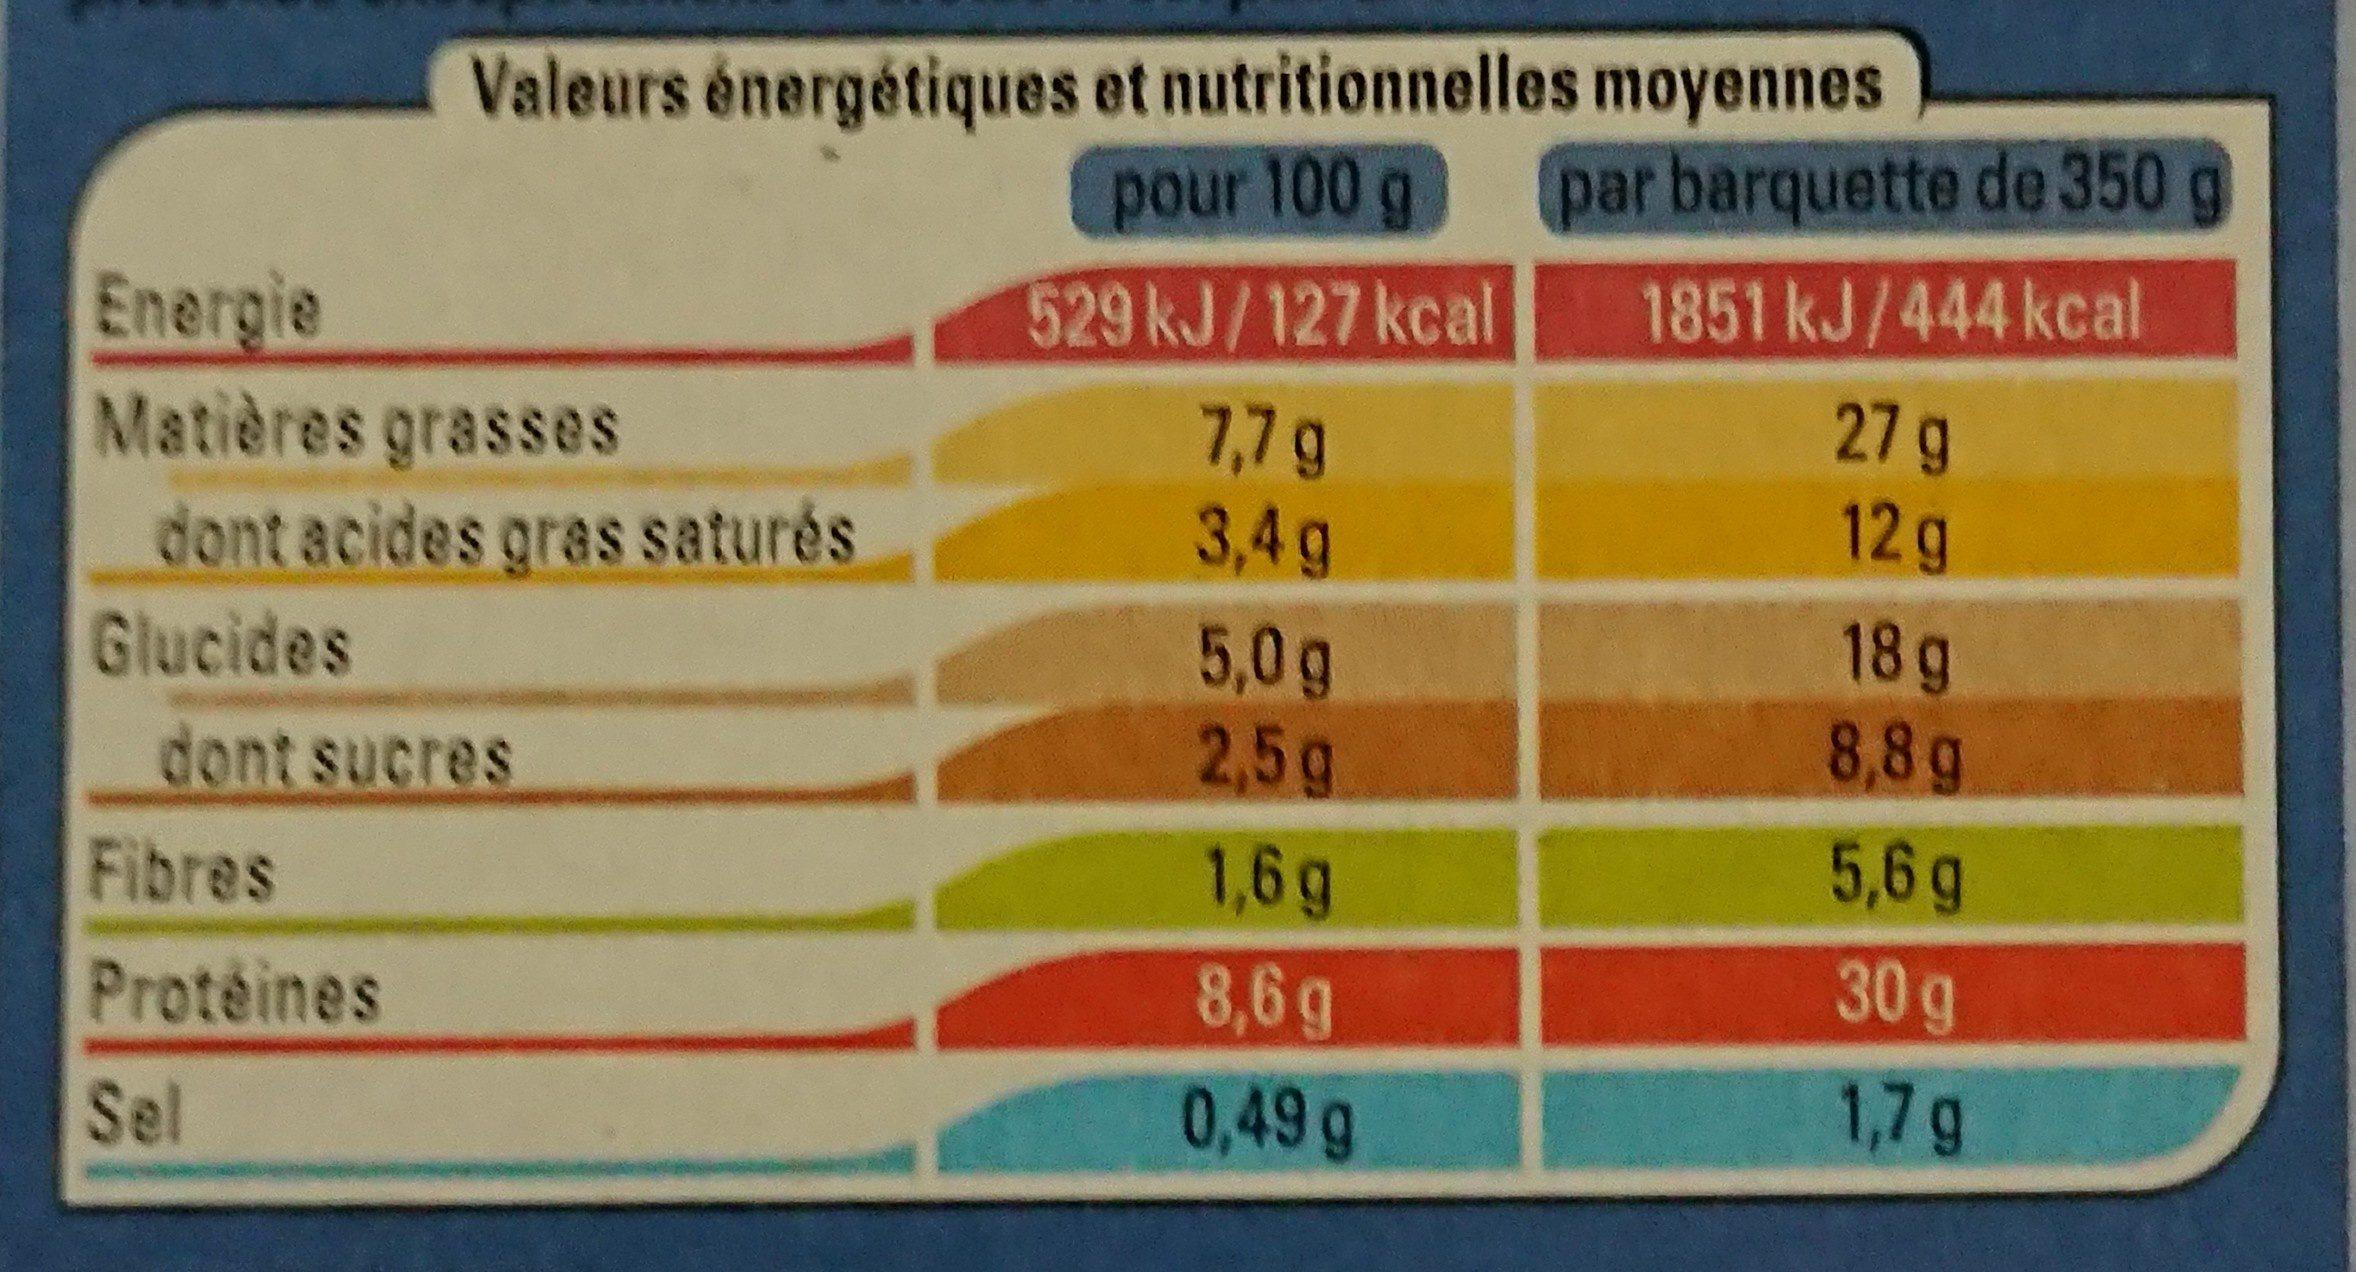 Gratin de poireaux au saumon - Informations nutritionnelles